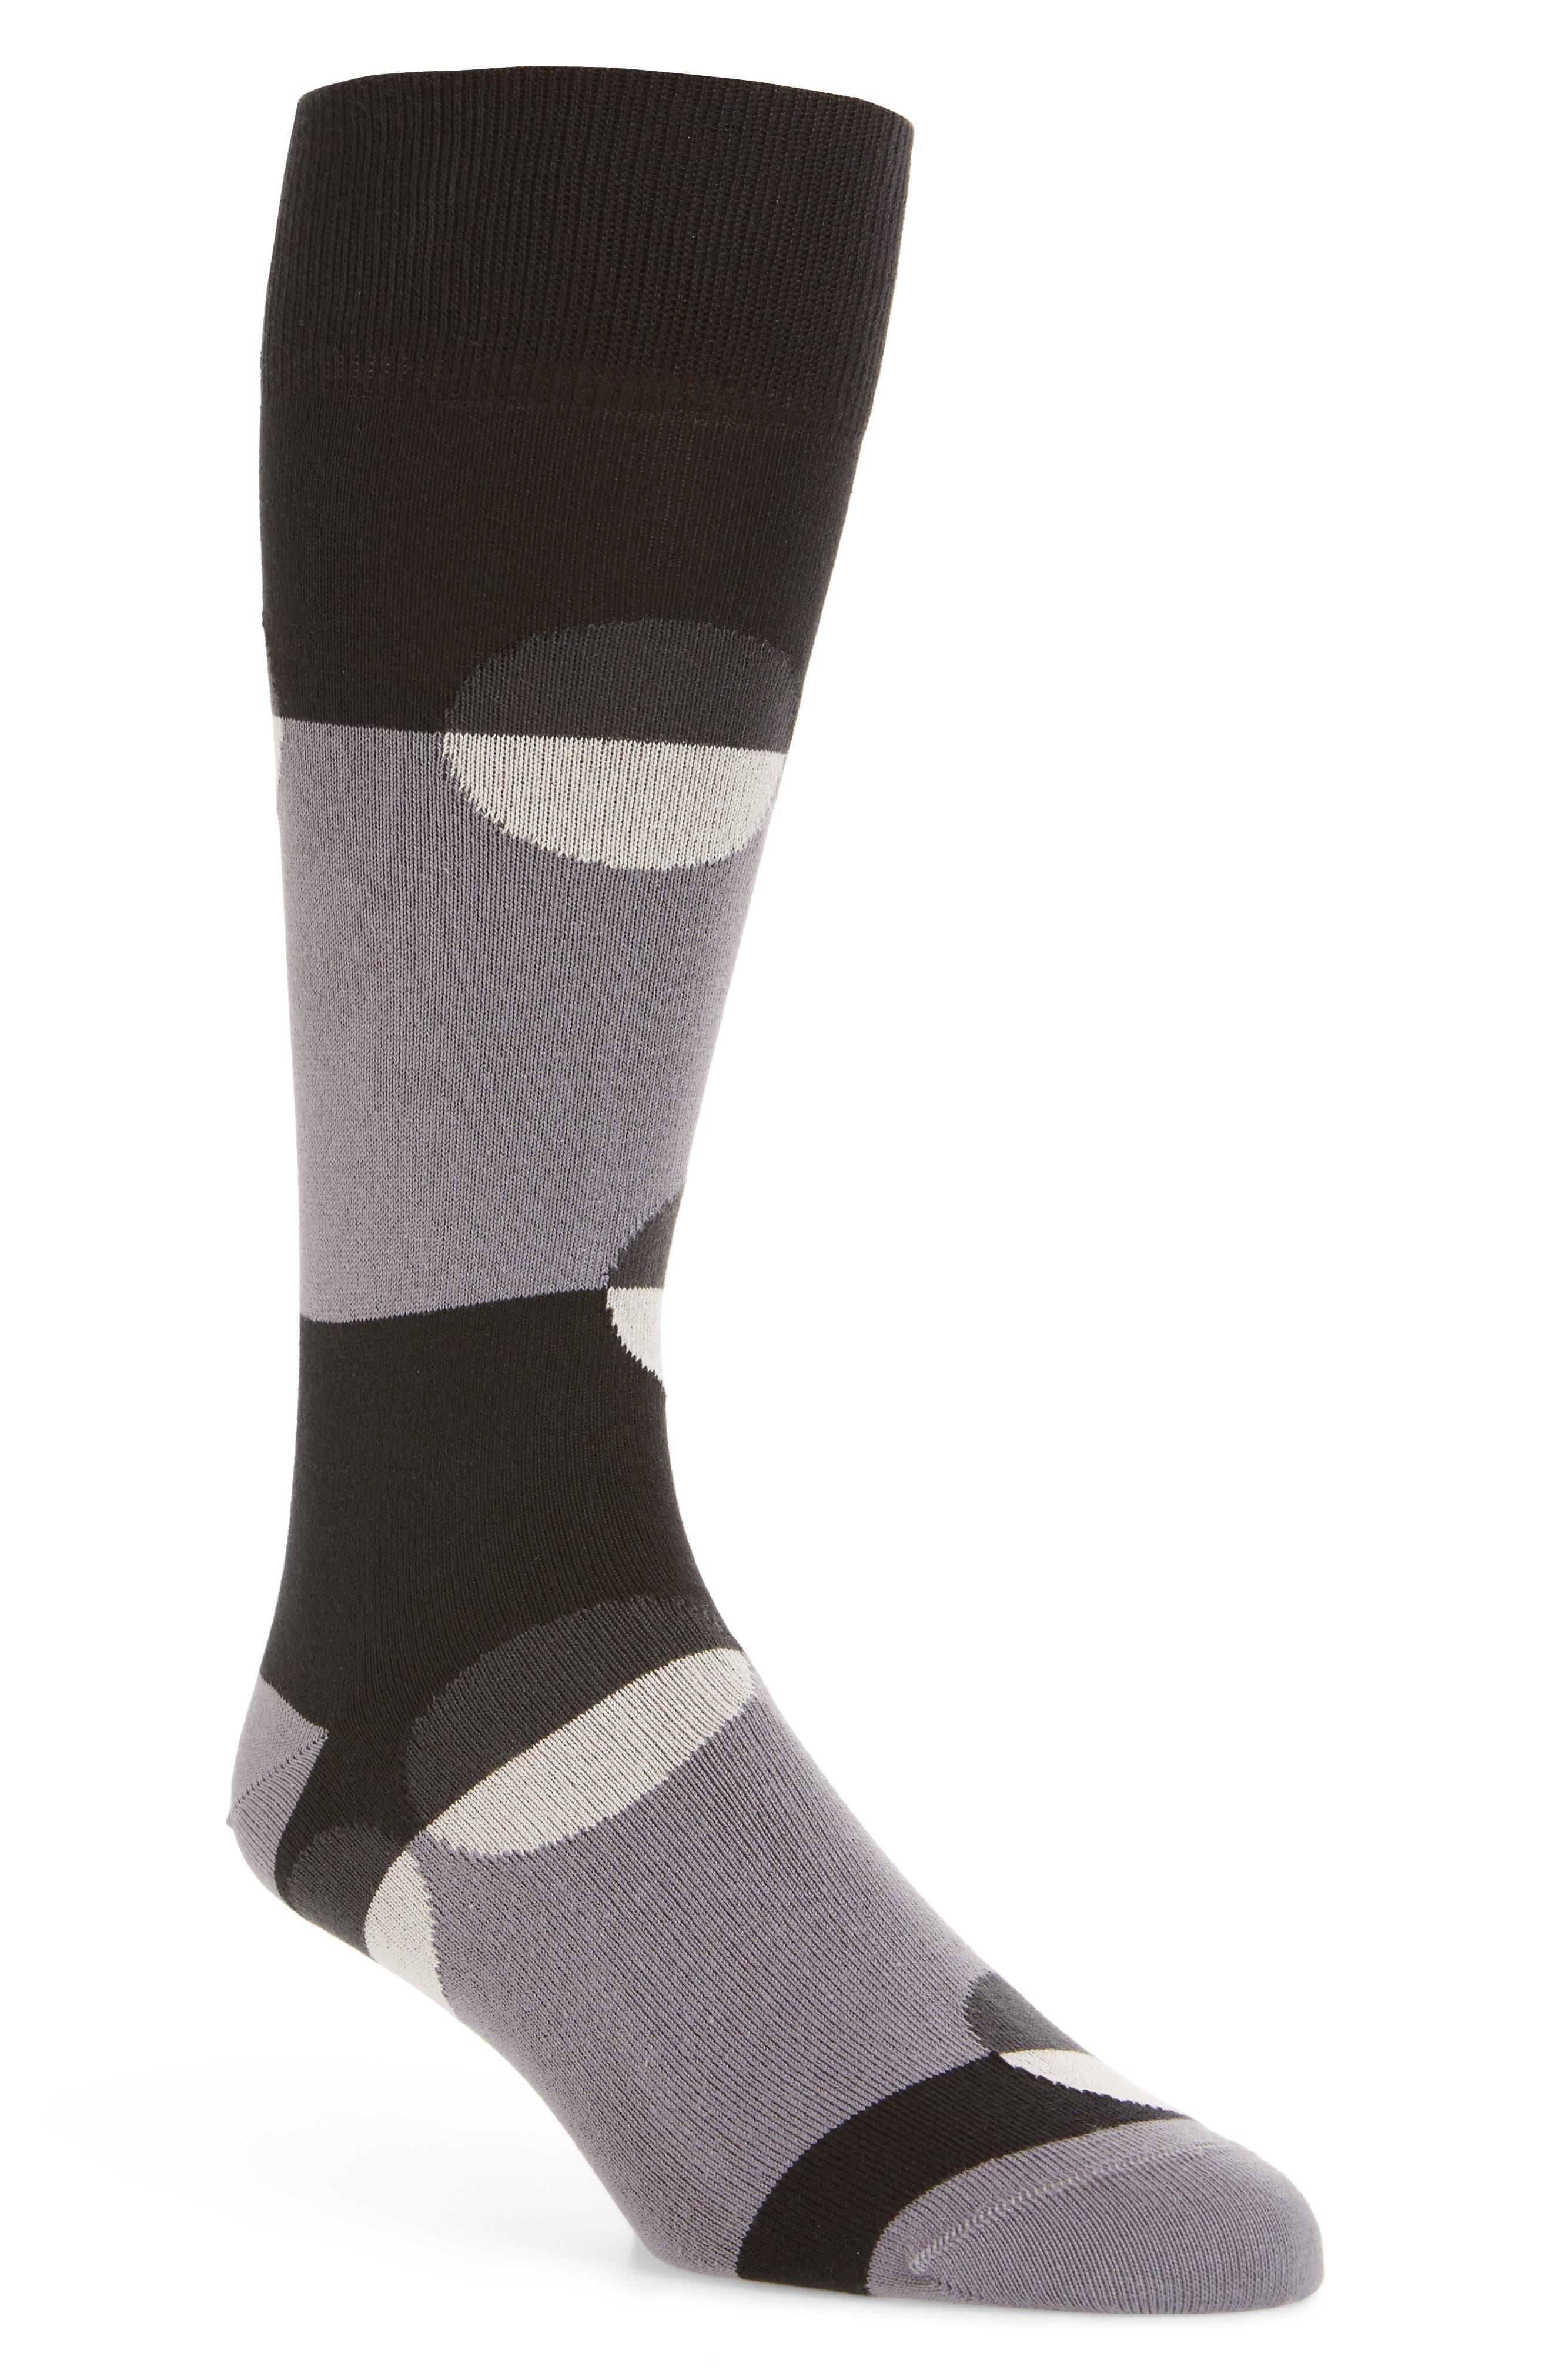 Crescent Dot Socks,                             Main thumbnail 1, color,                             Black